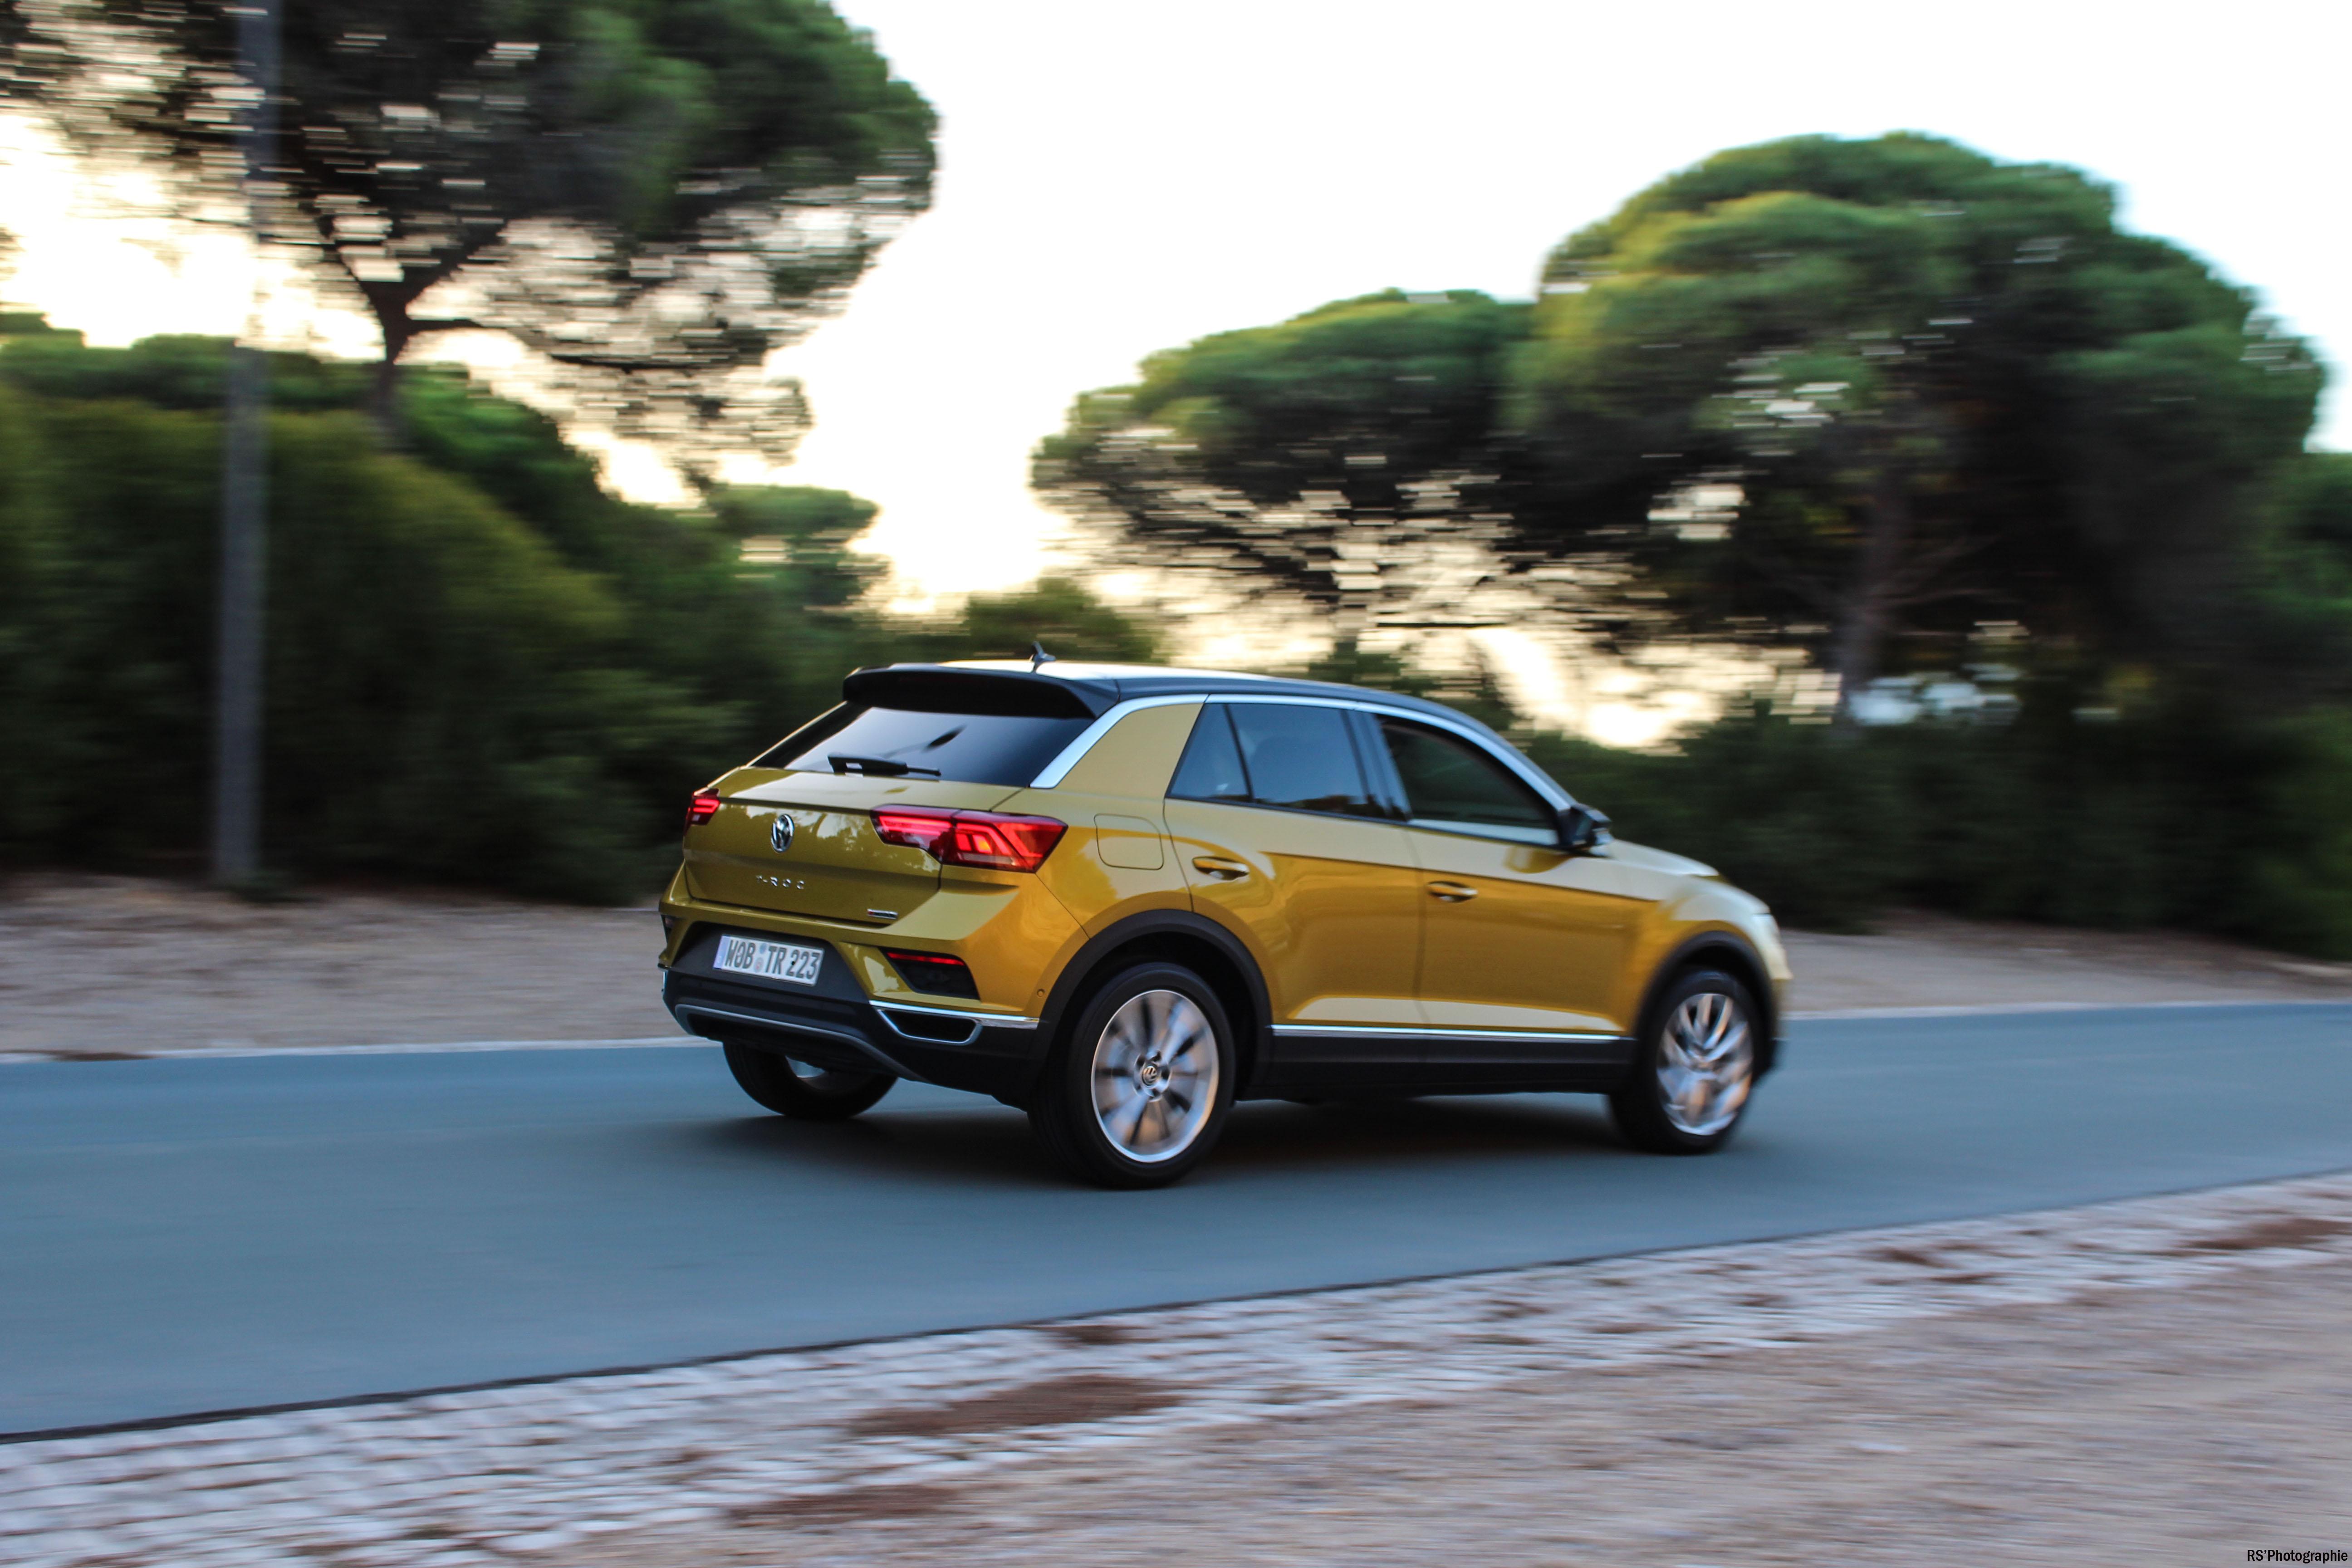 Volkswagentroc64-vw-t-roc-arrière-rear-Arnaud Demasier-RSPhotographie